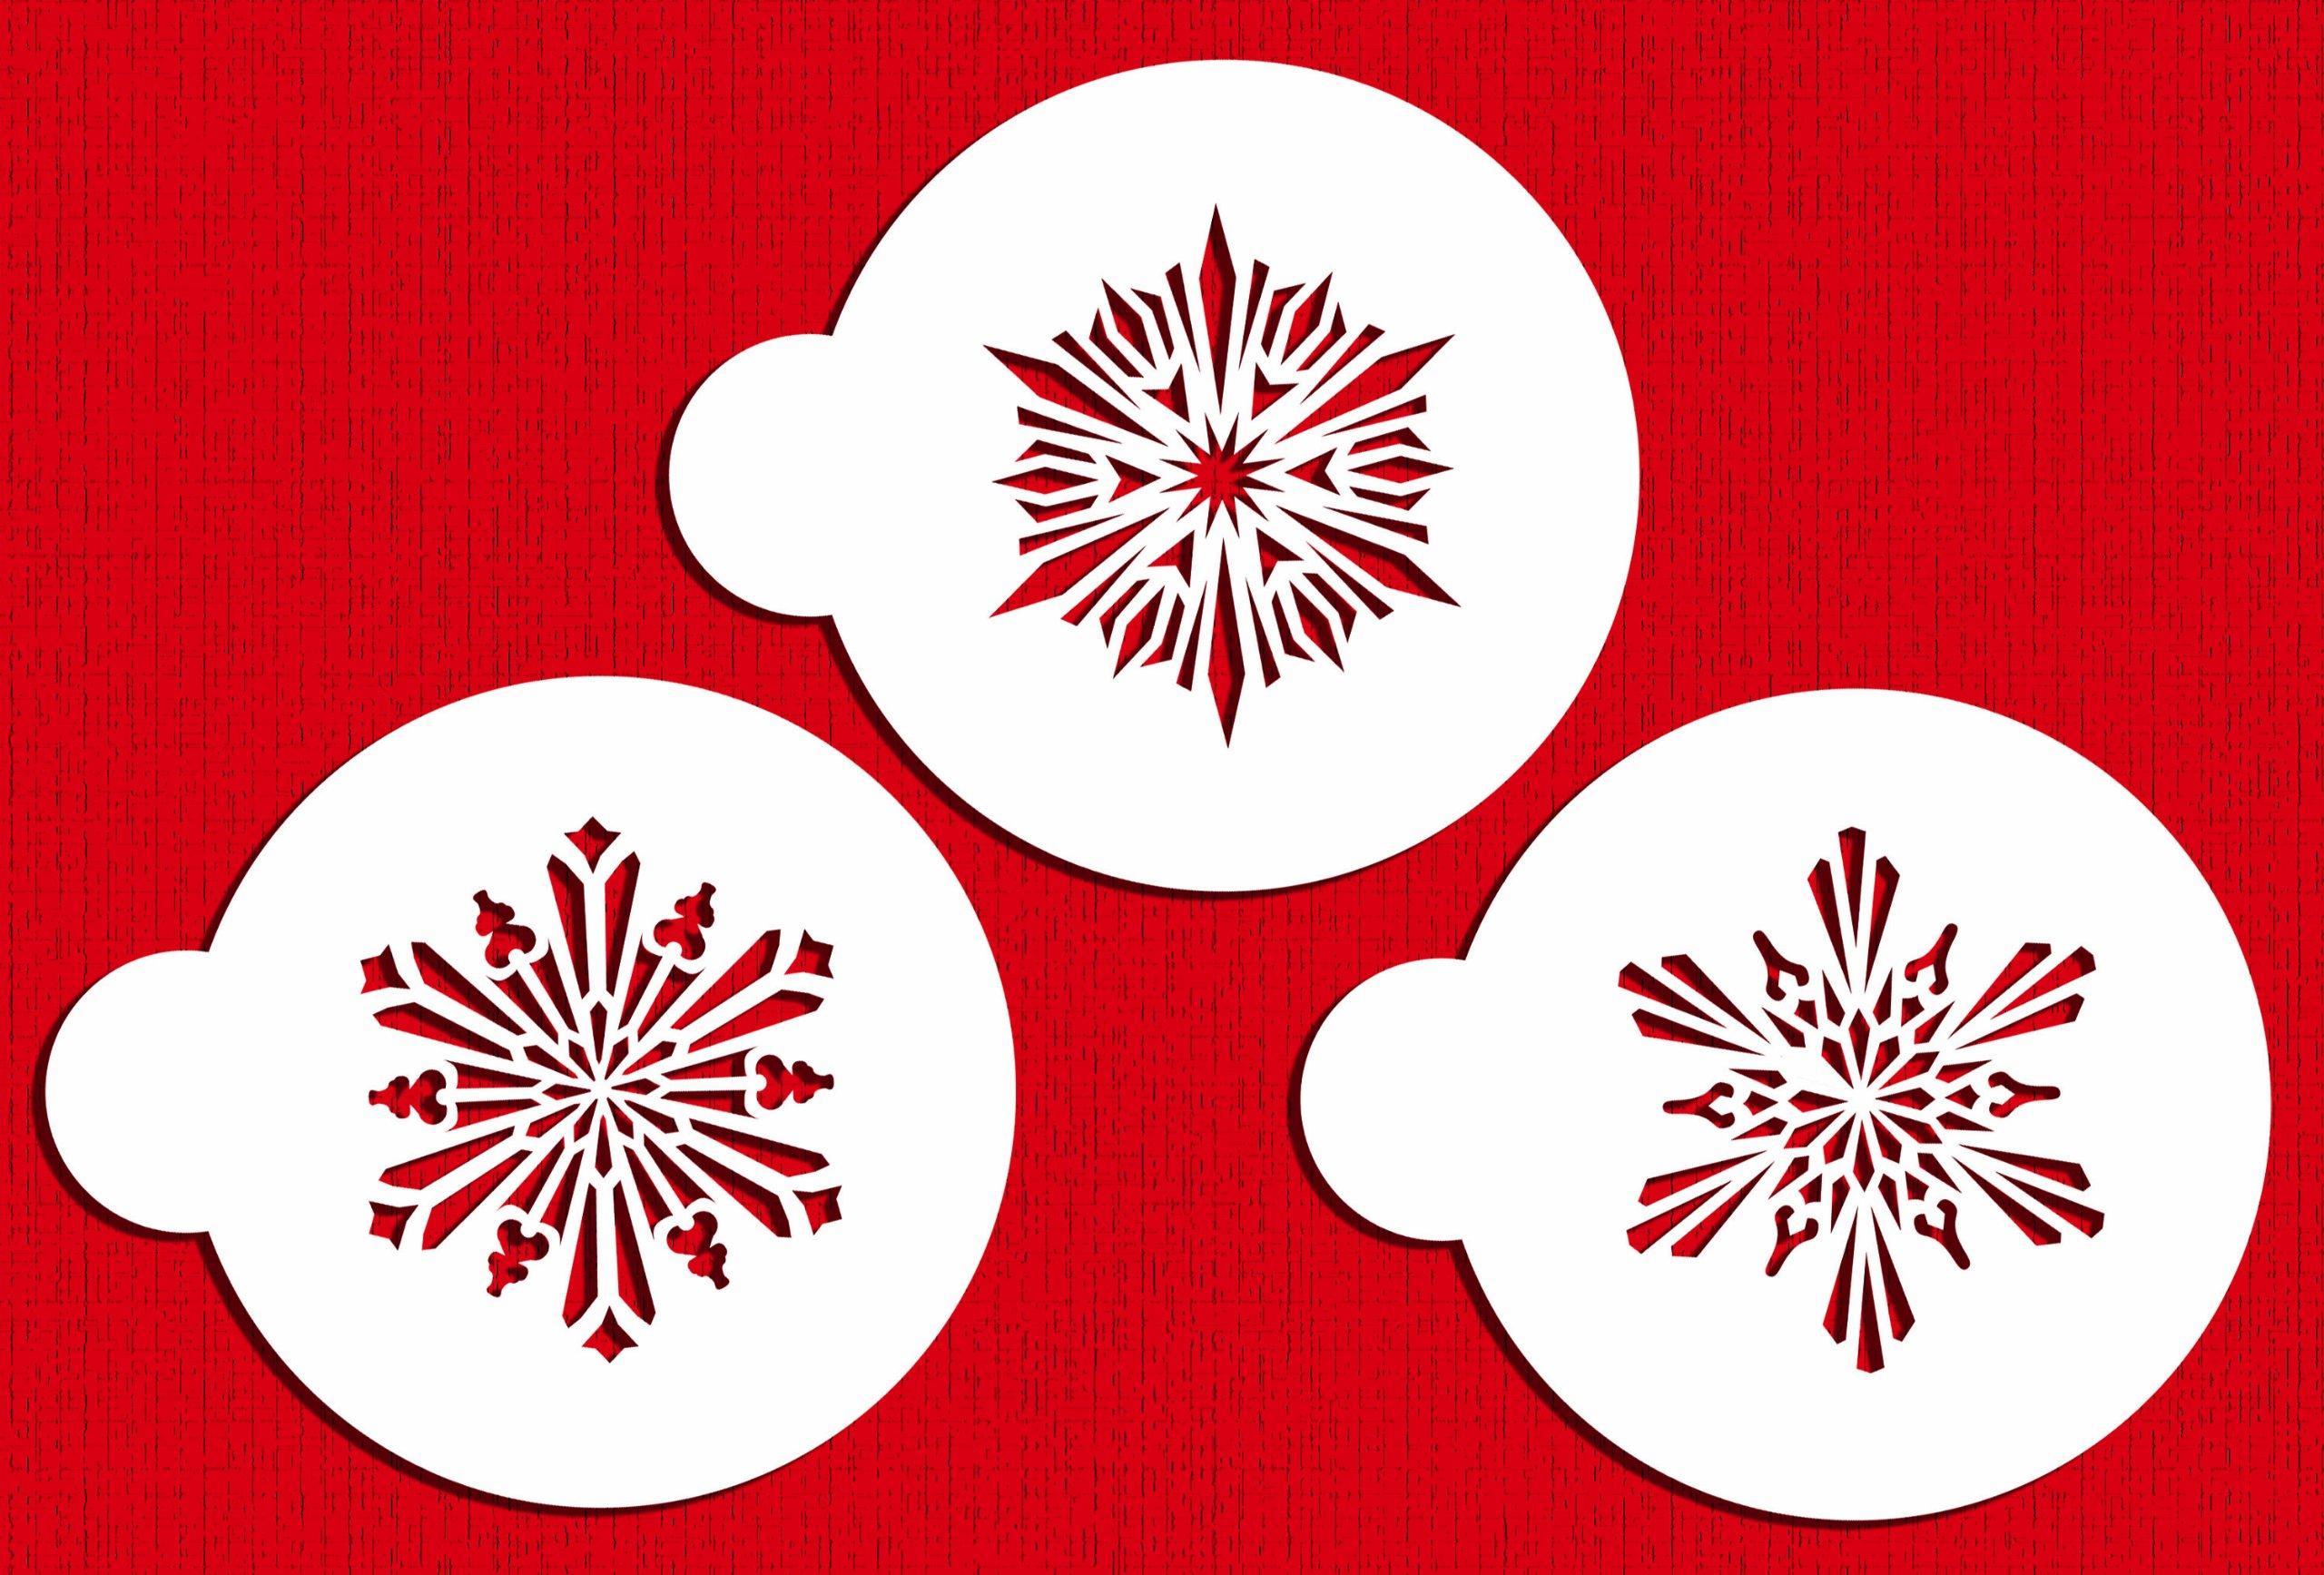 Designer Stencils C748 Small Crystal Snowflakes 3 Cookie Stencils, Beige/semi-transparent by Designer Stencils